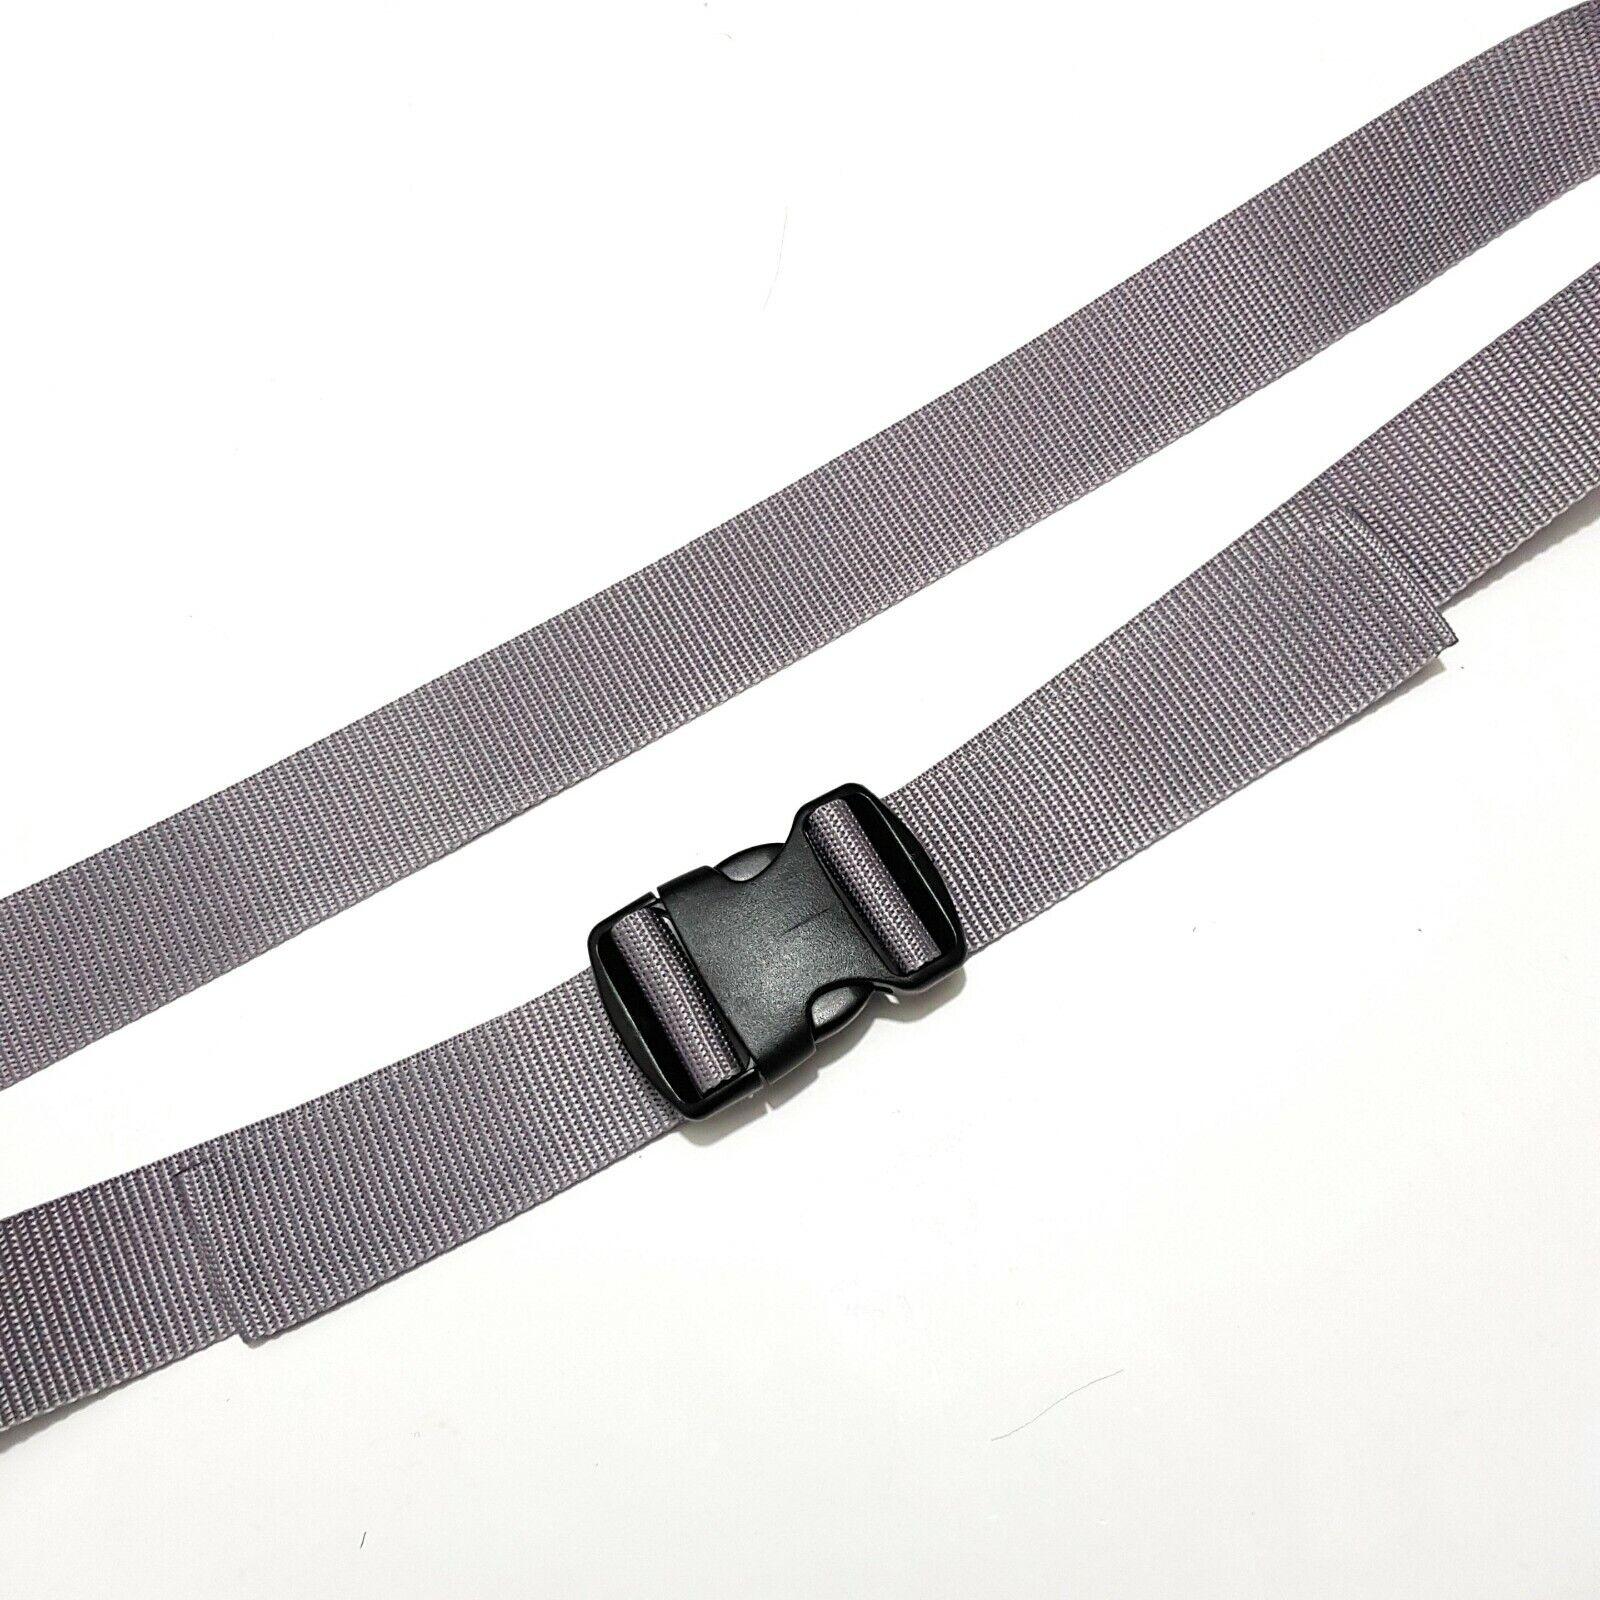 Gurt Gürtel Tragegurt verstellbar Clip Taschengurt Band Gurttasche Gürteltasche